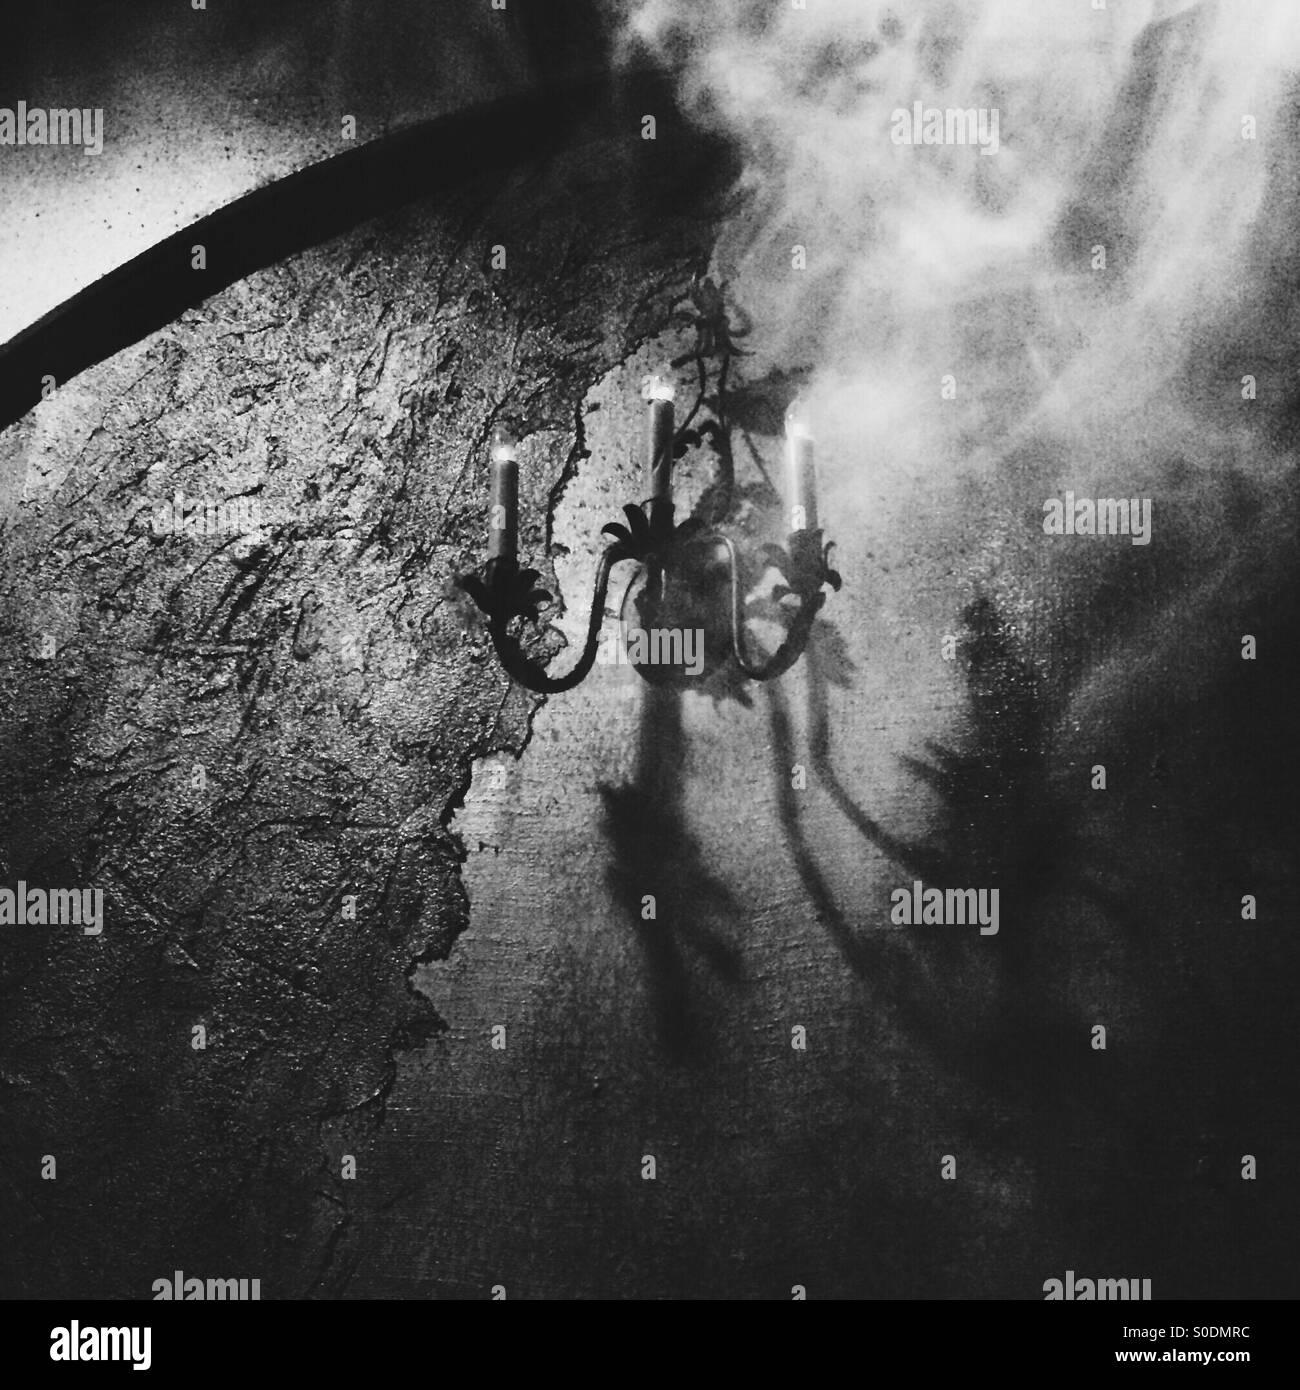 Enveloping darkness - Stock Image